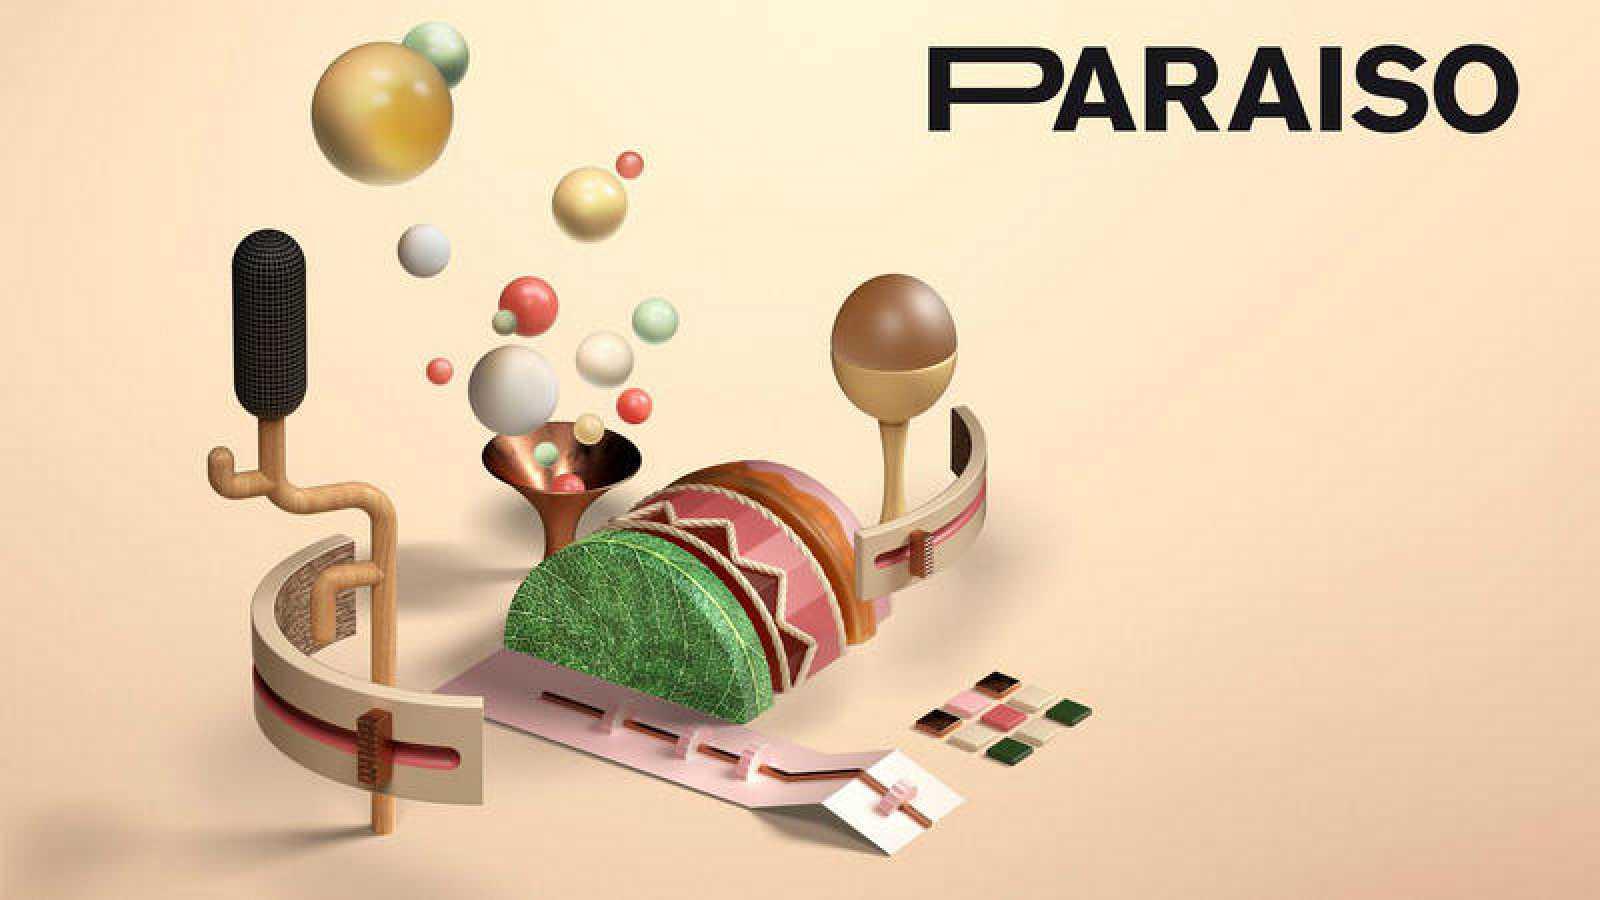 Paraíso se celebra los días 8 y 9 de junio en el Campus de la Universidad Complutense de Madrid